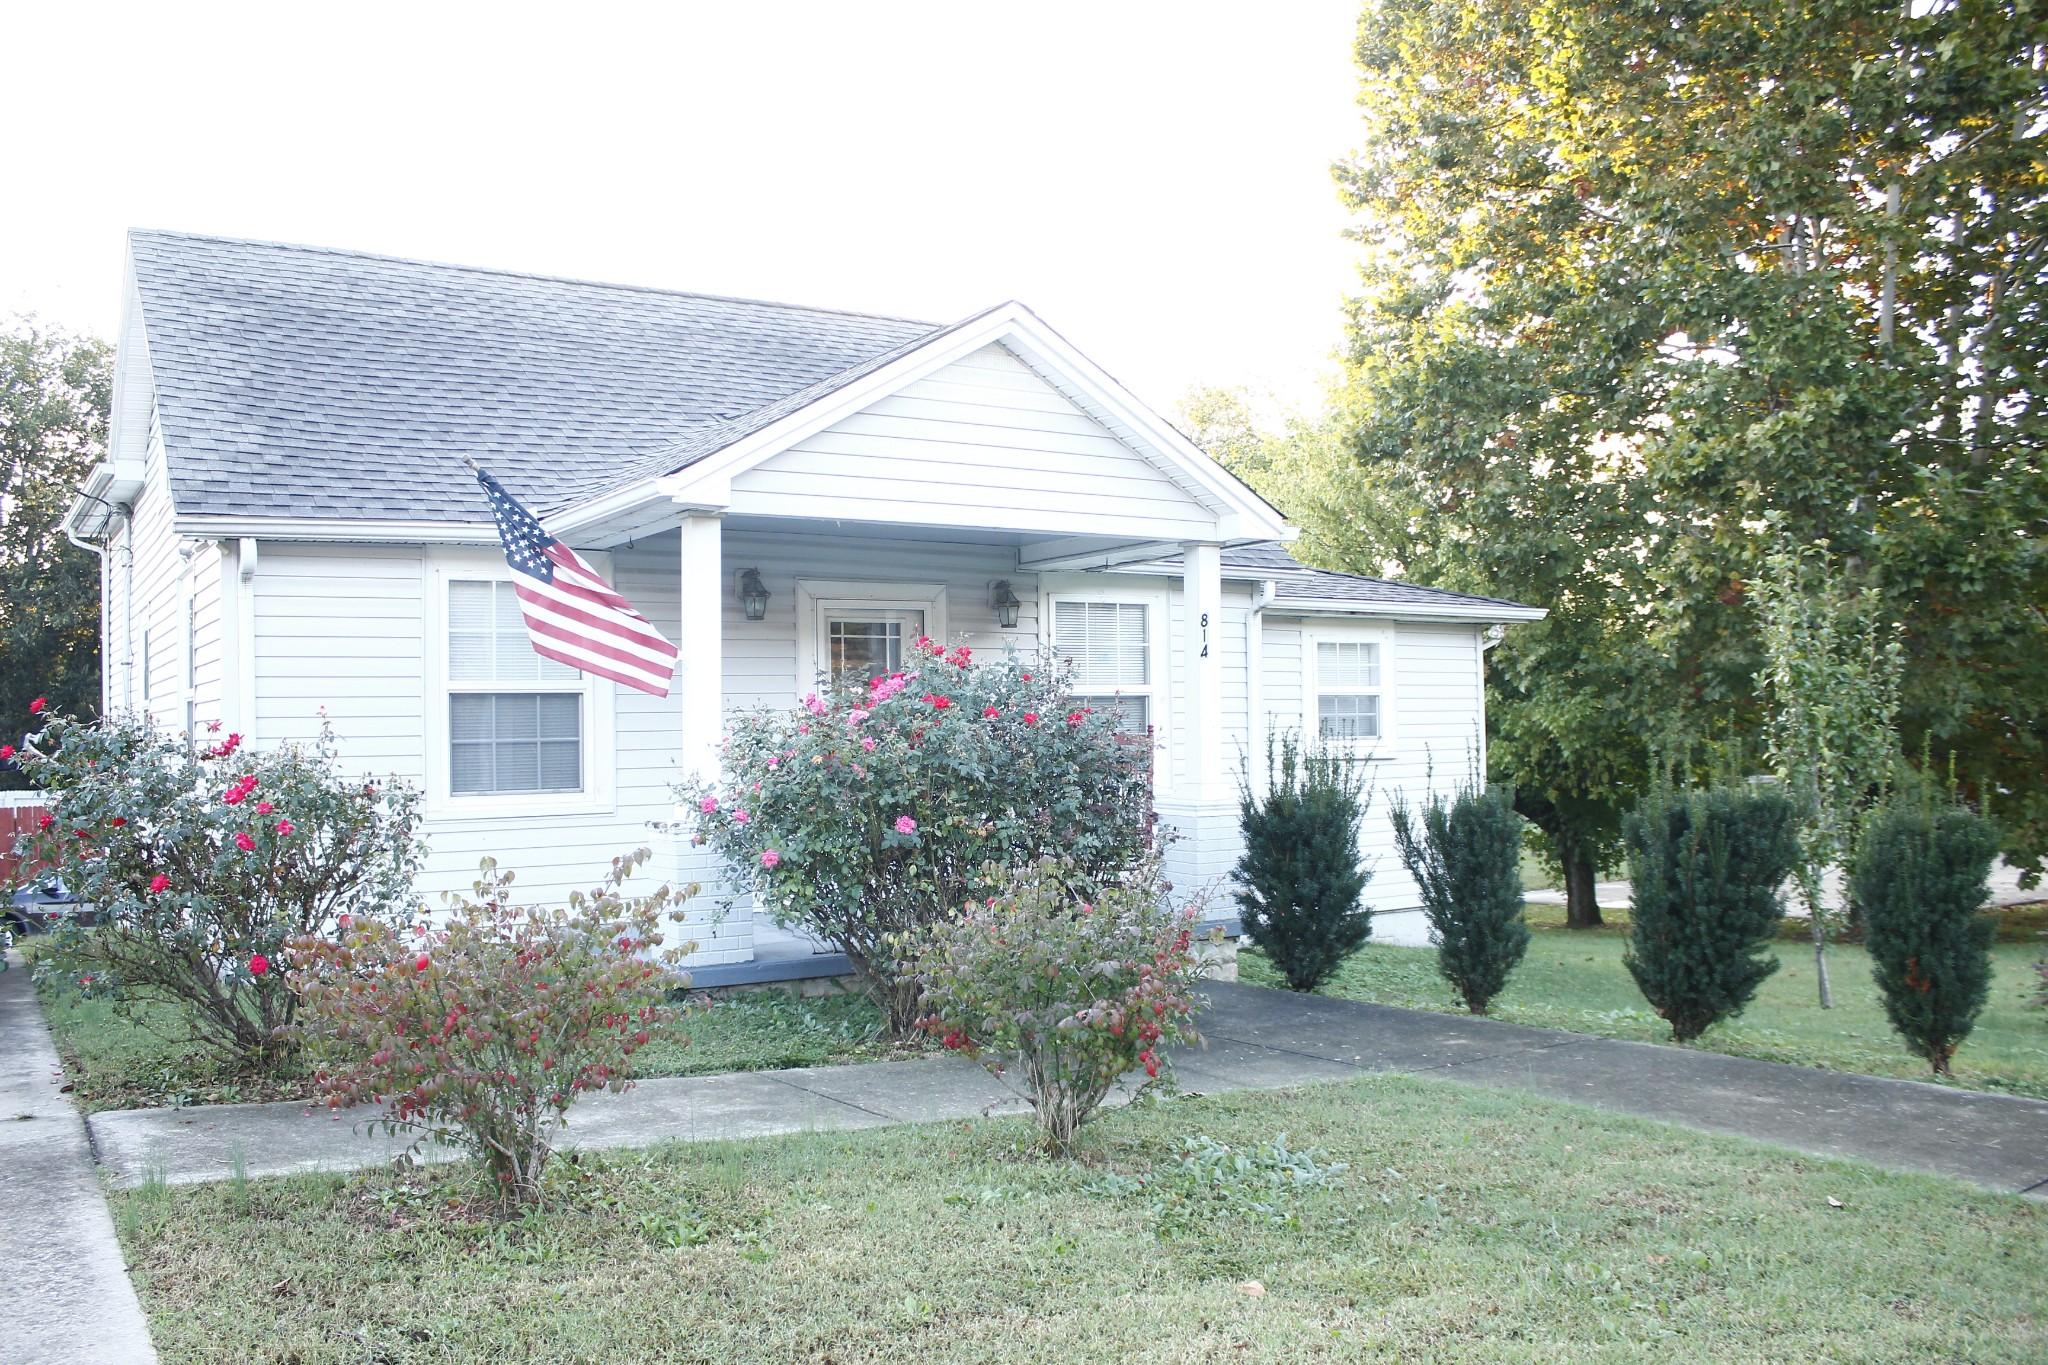 814 S Mccrary St Property Photo 1